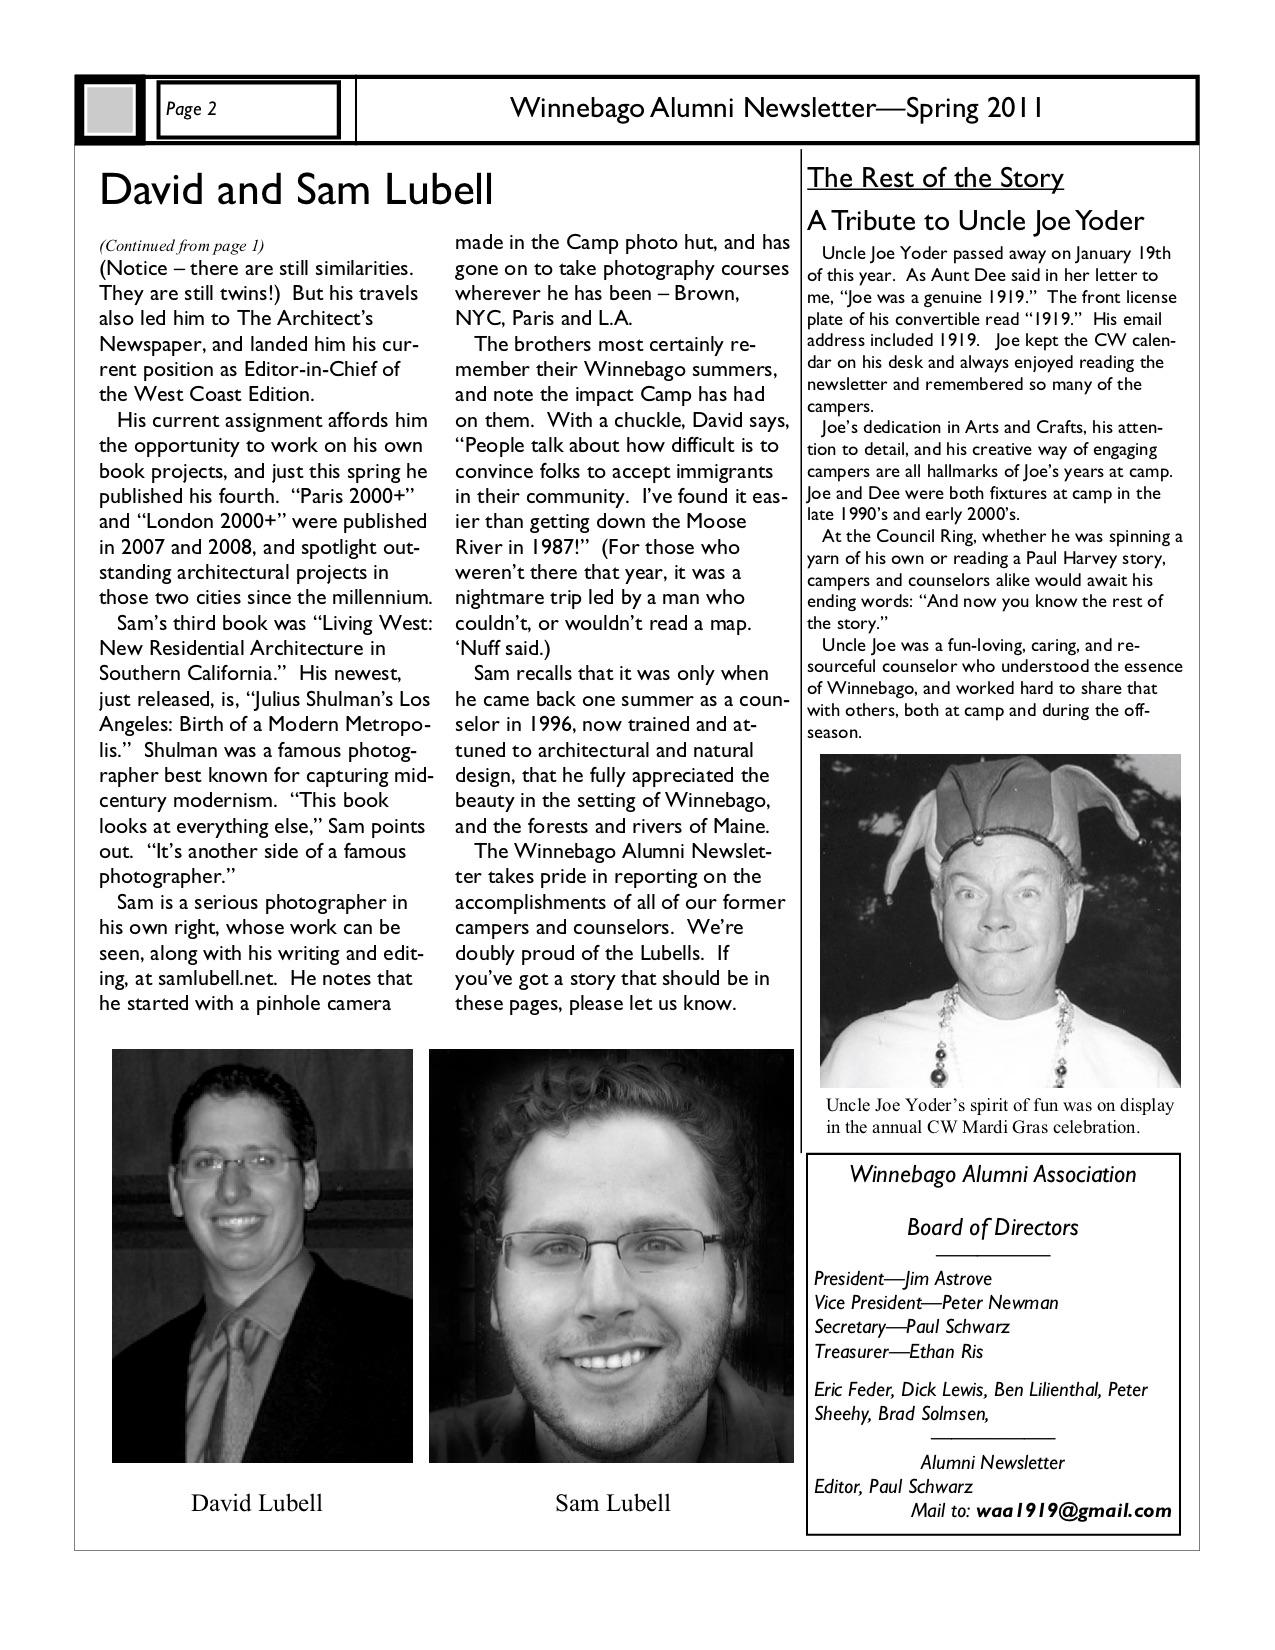 2011 Spring Newsletter 2.jpg